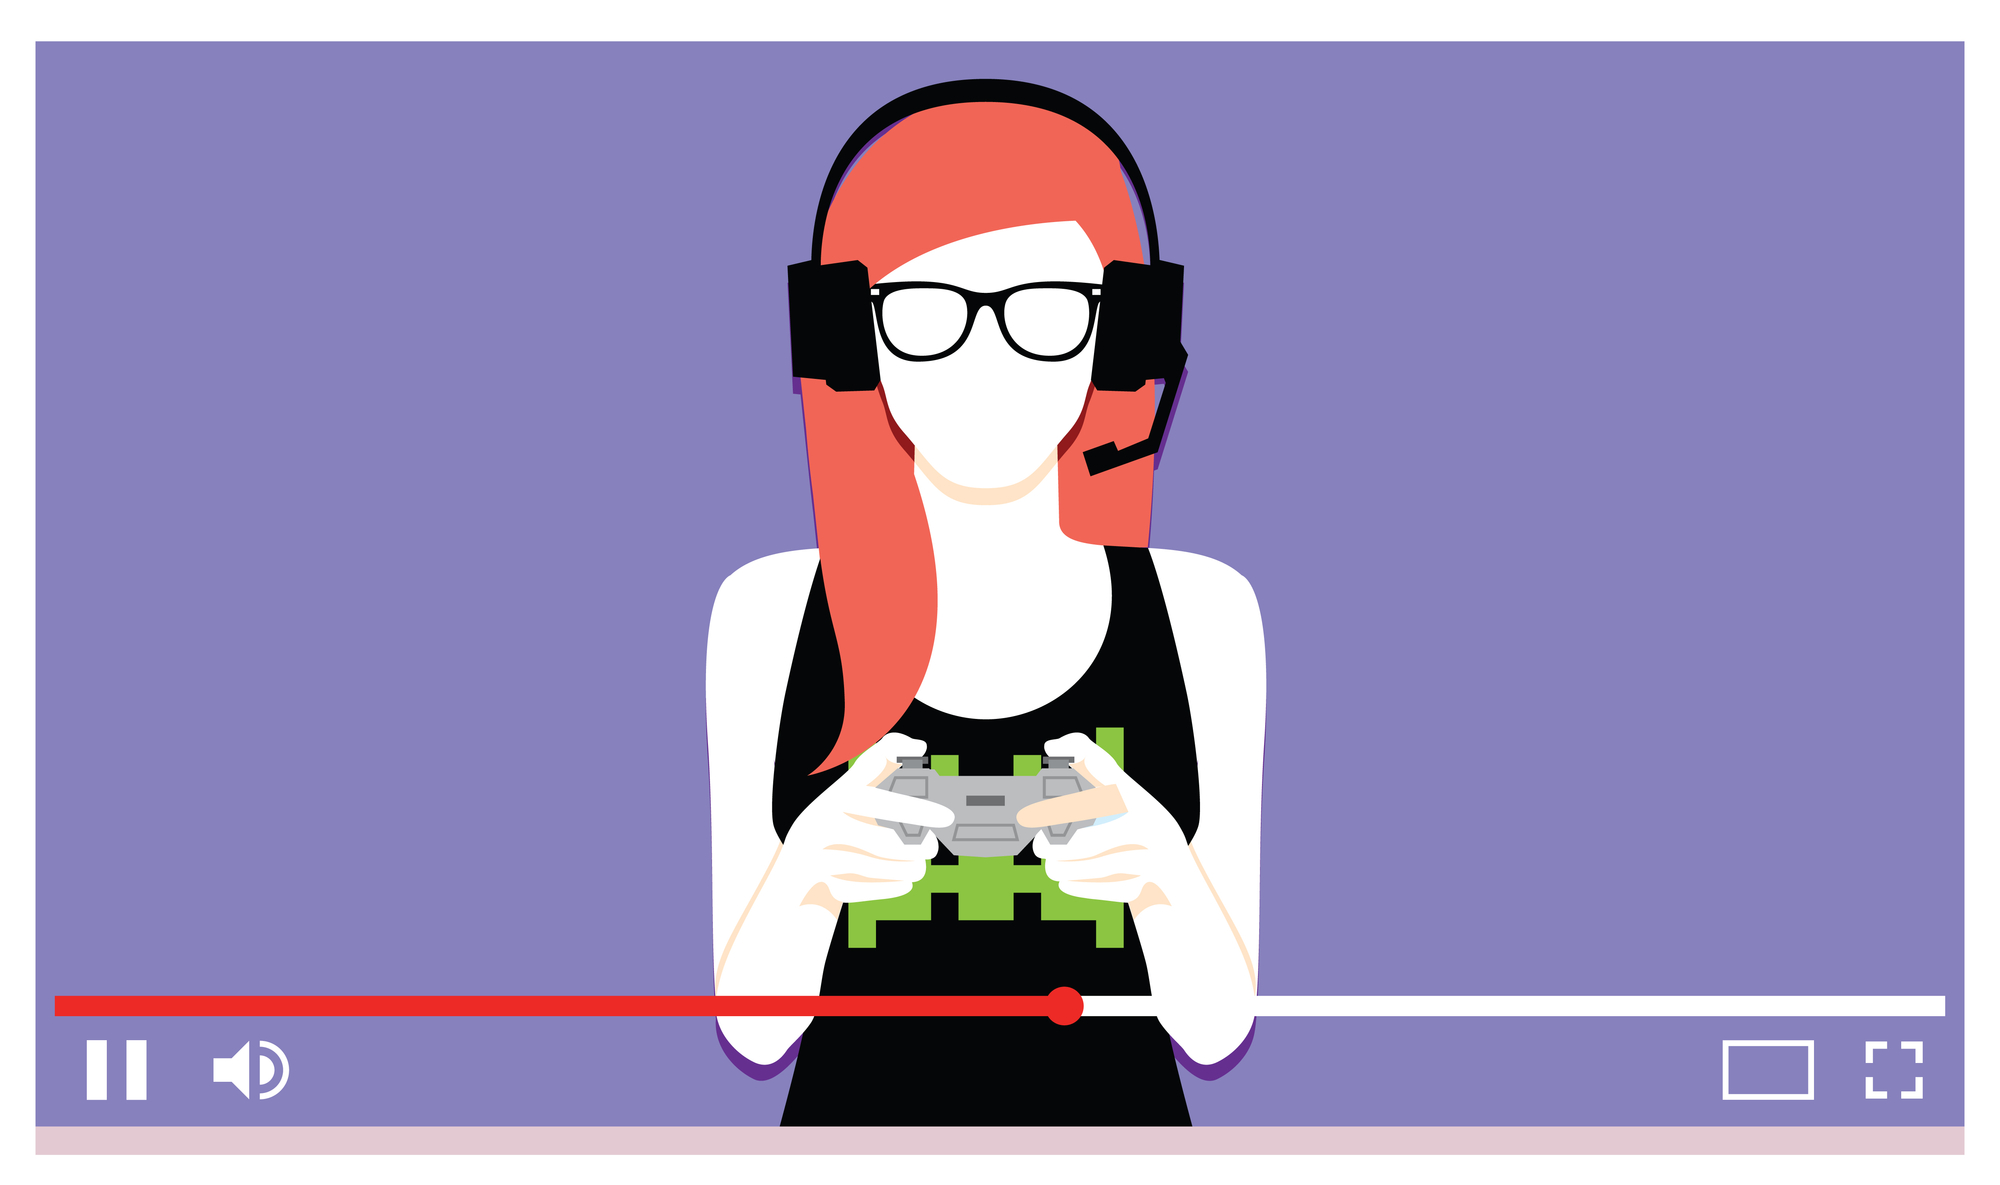 ung kvinde streamer